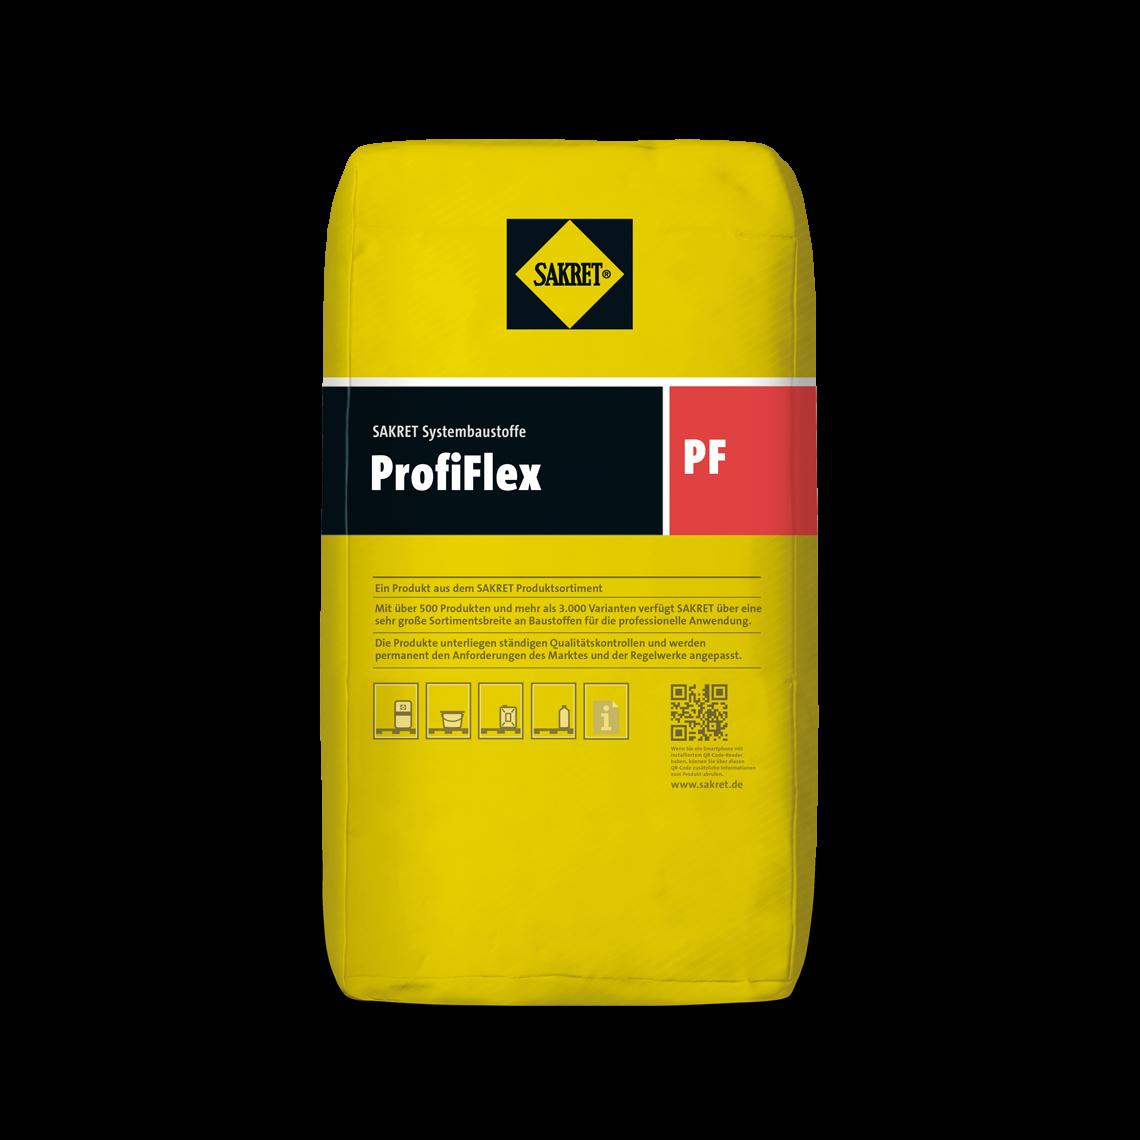 Abbildung SAKRET Profiflex PF